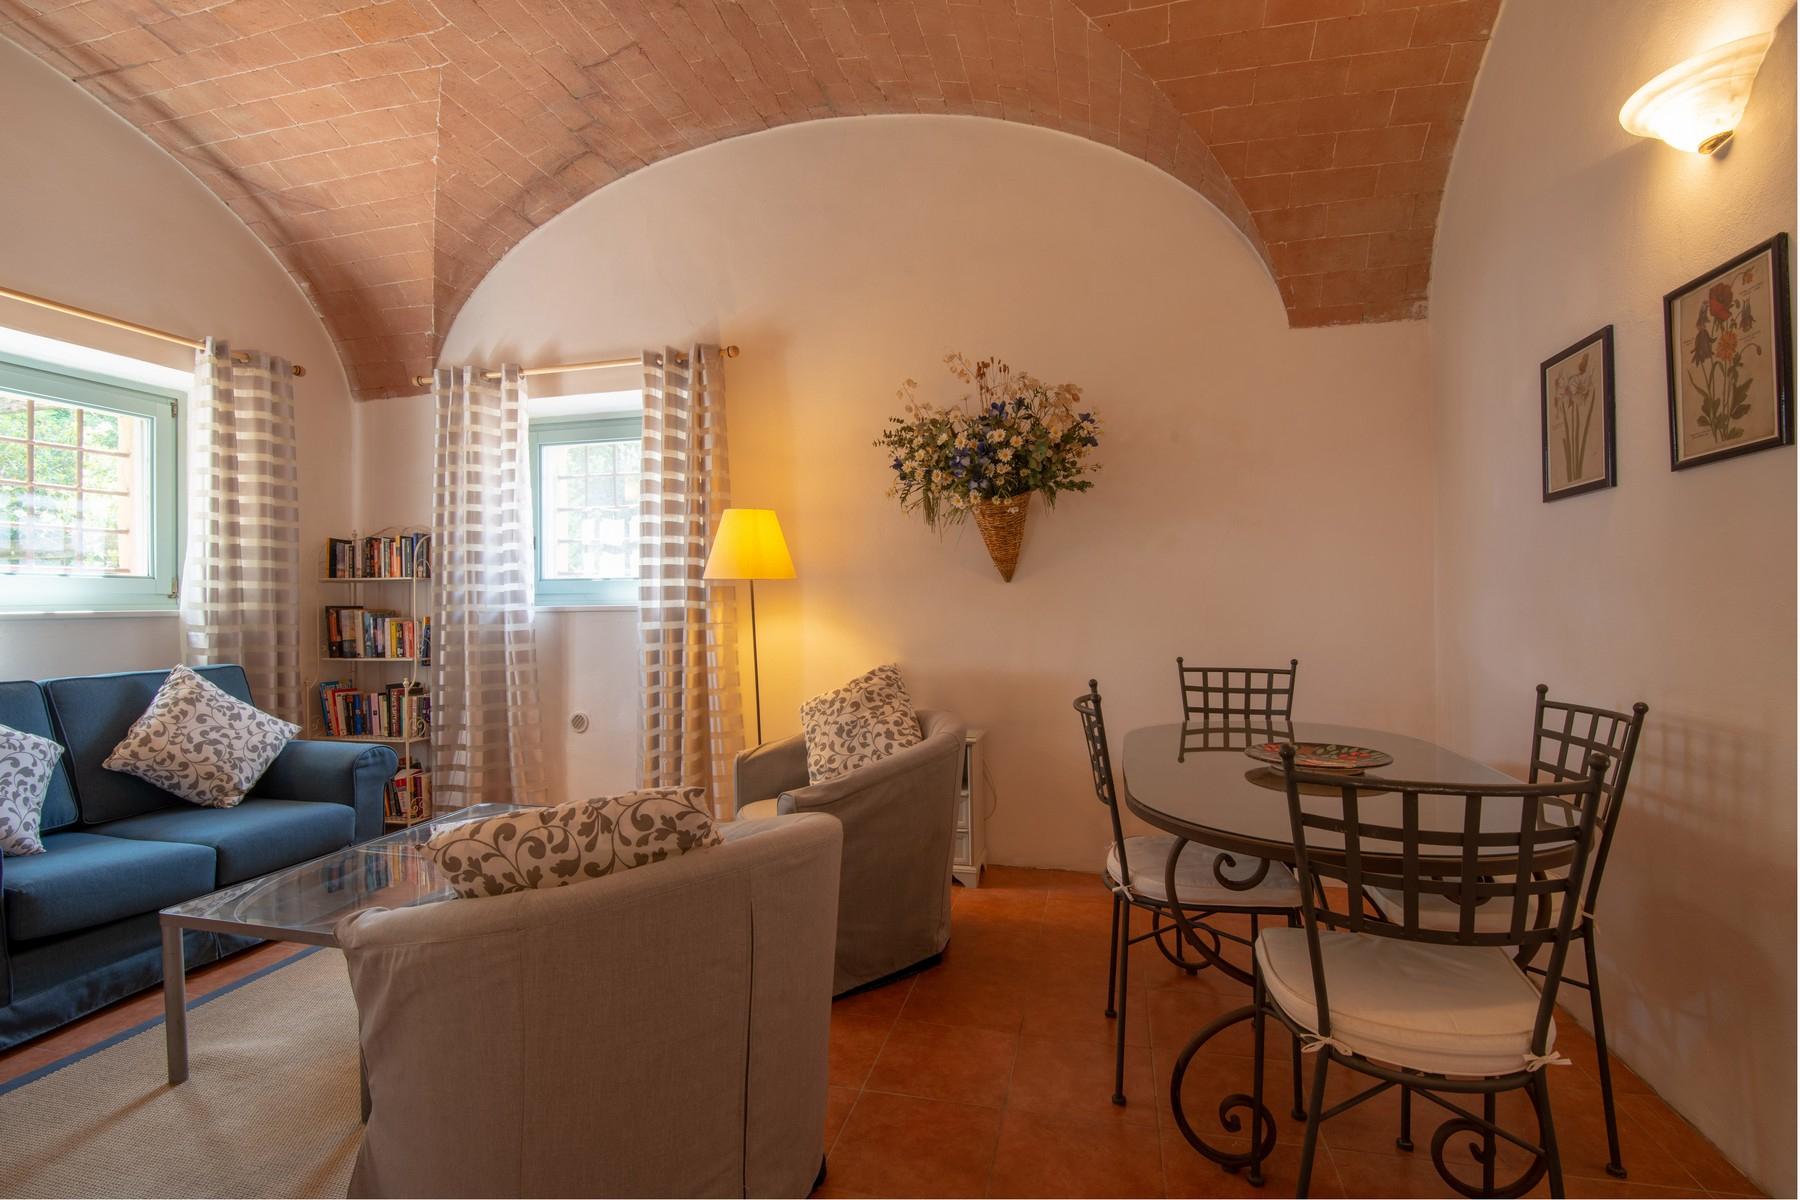 Rustico in Vendita a San Gimignano: 5 locali, 615 mq - Foto 16